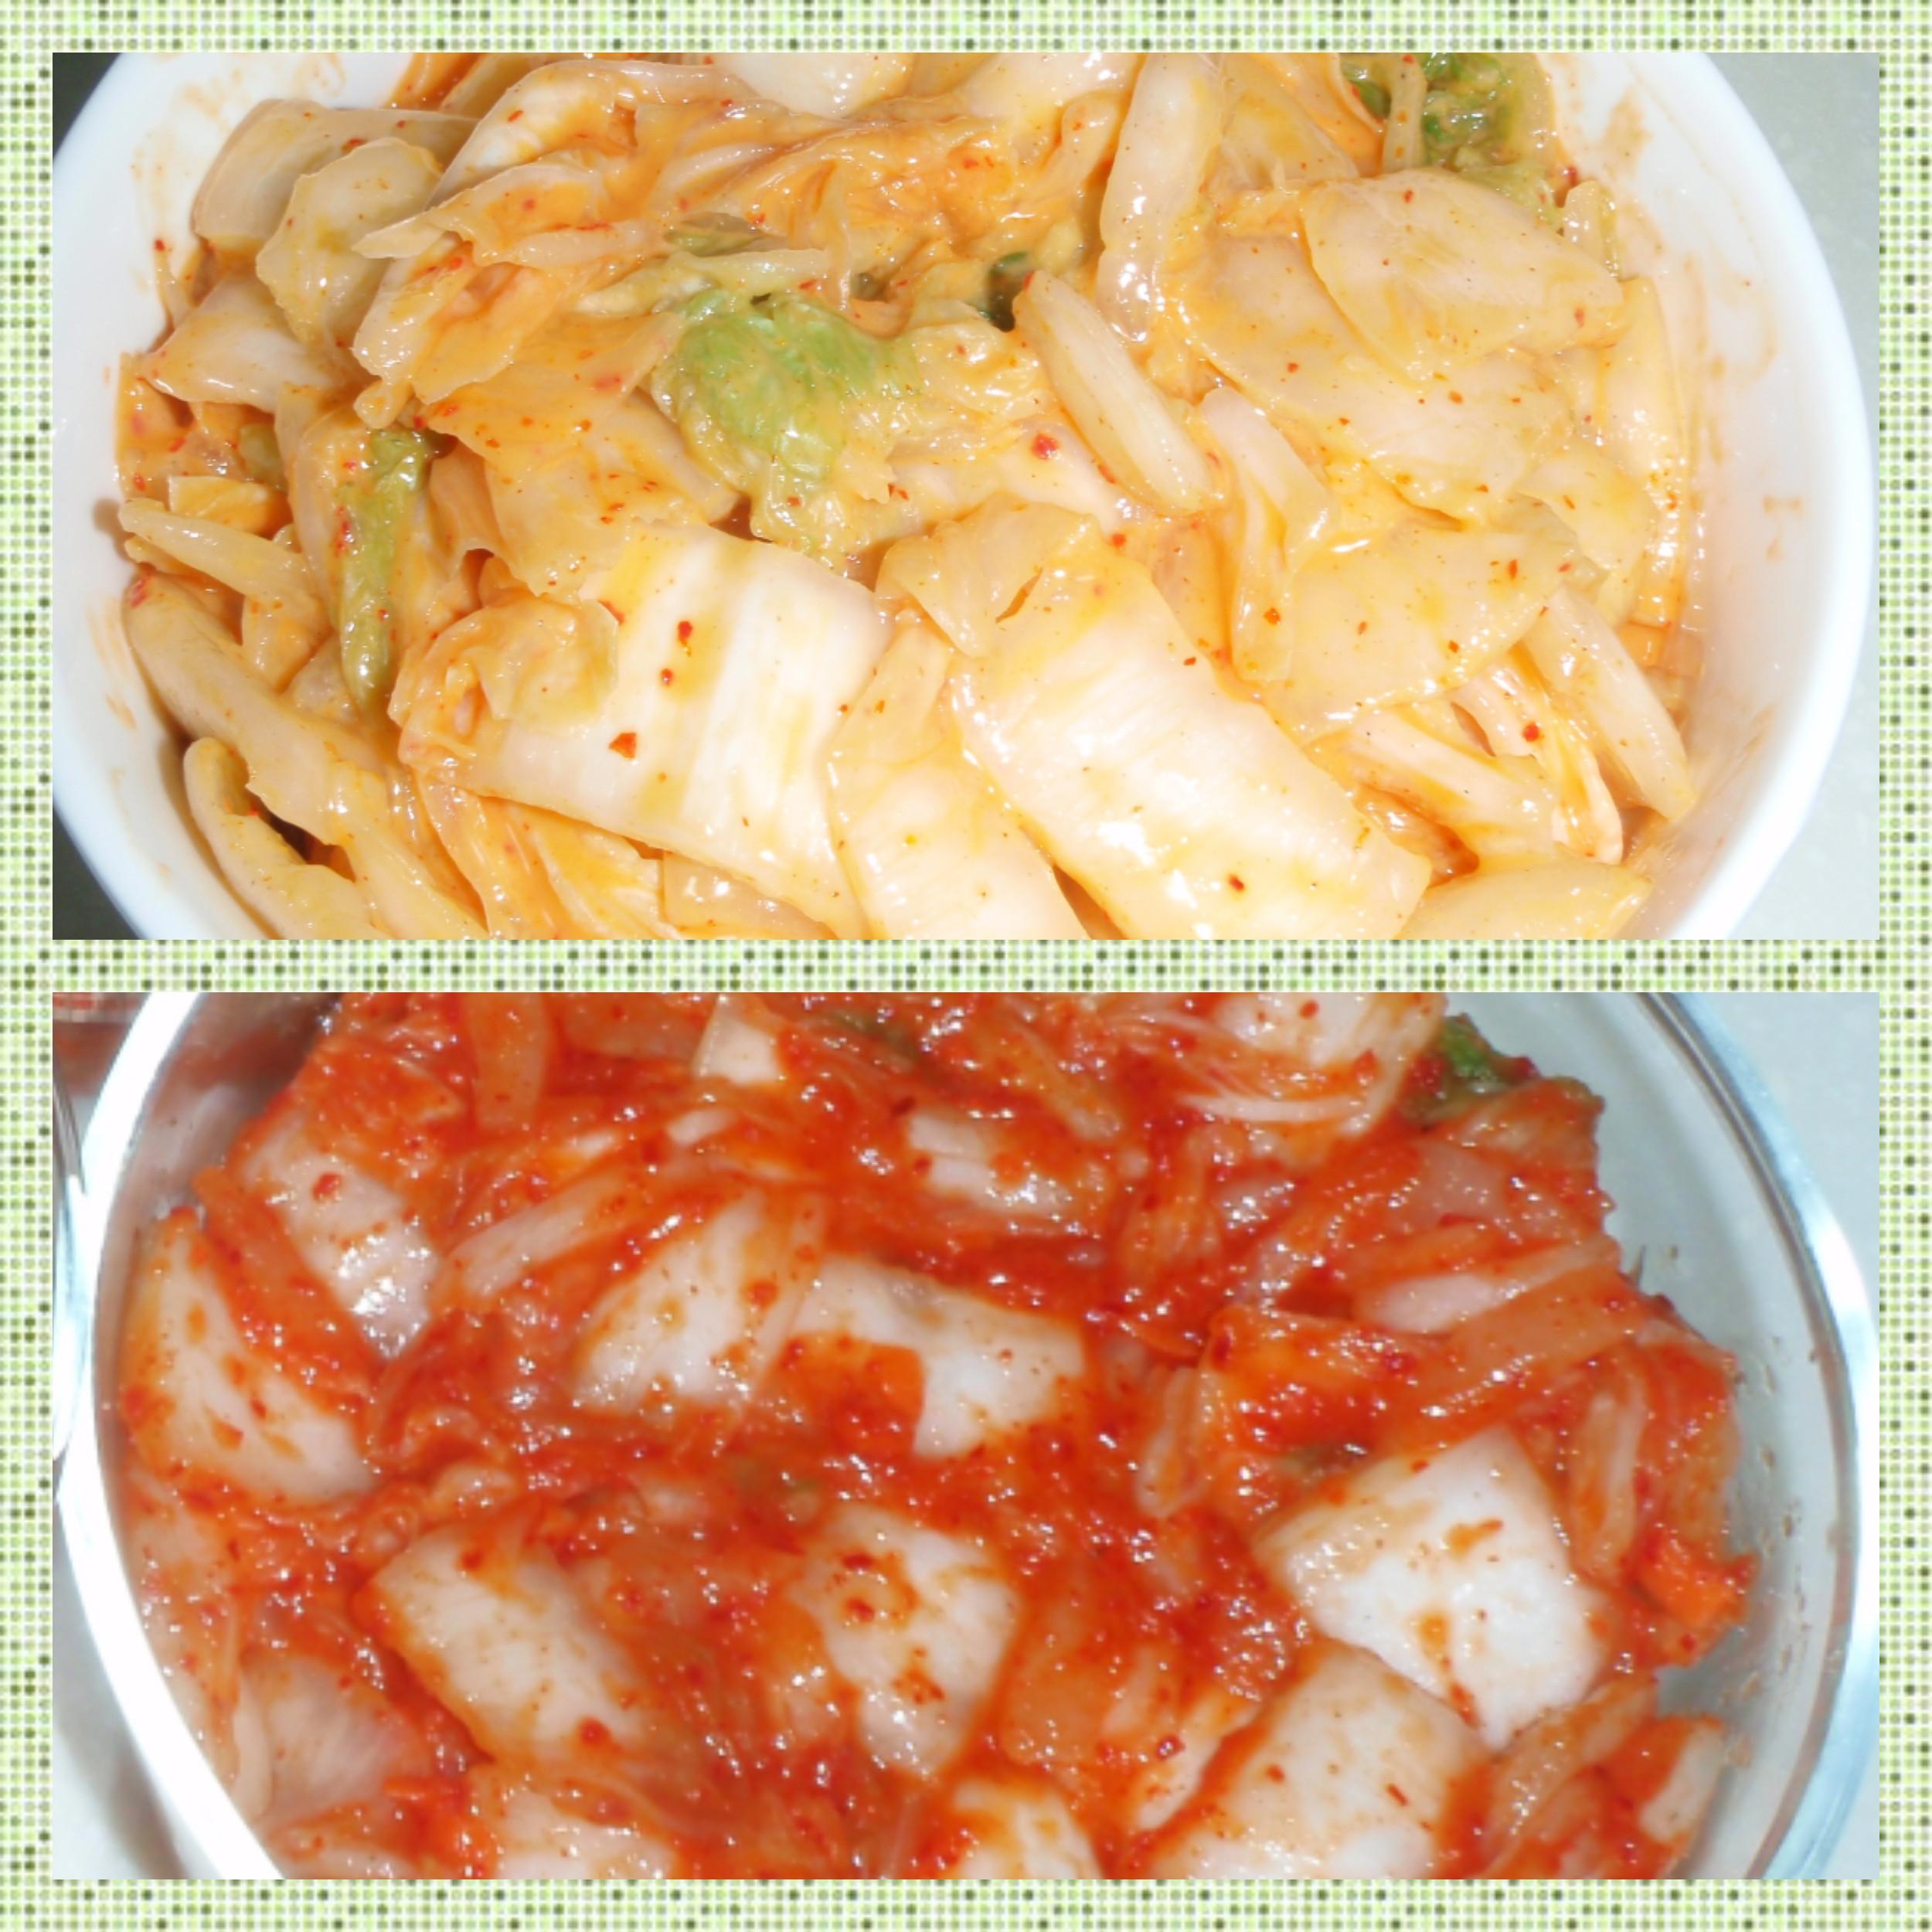 黃金泡菜 vs 韓國泡菜 韓式泡菜